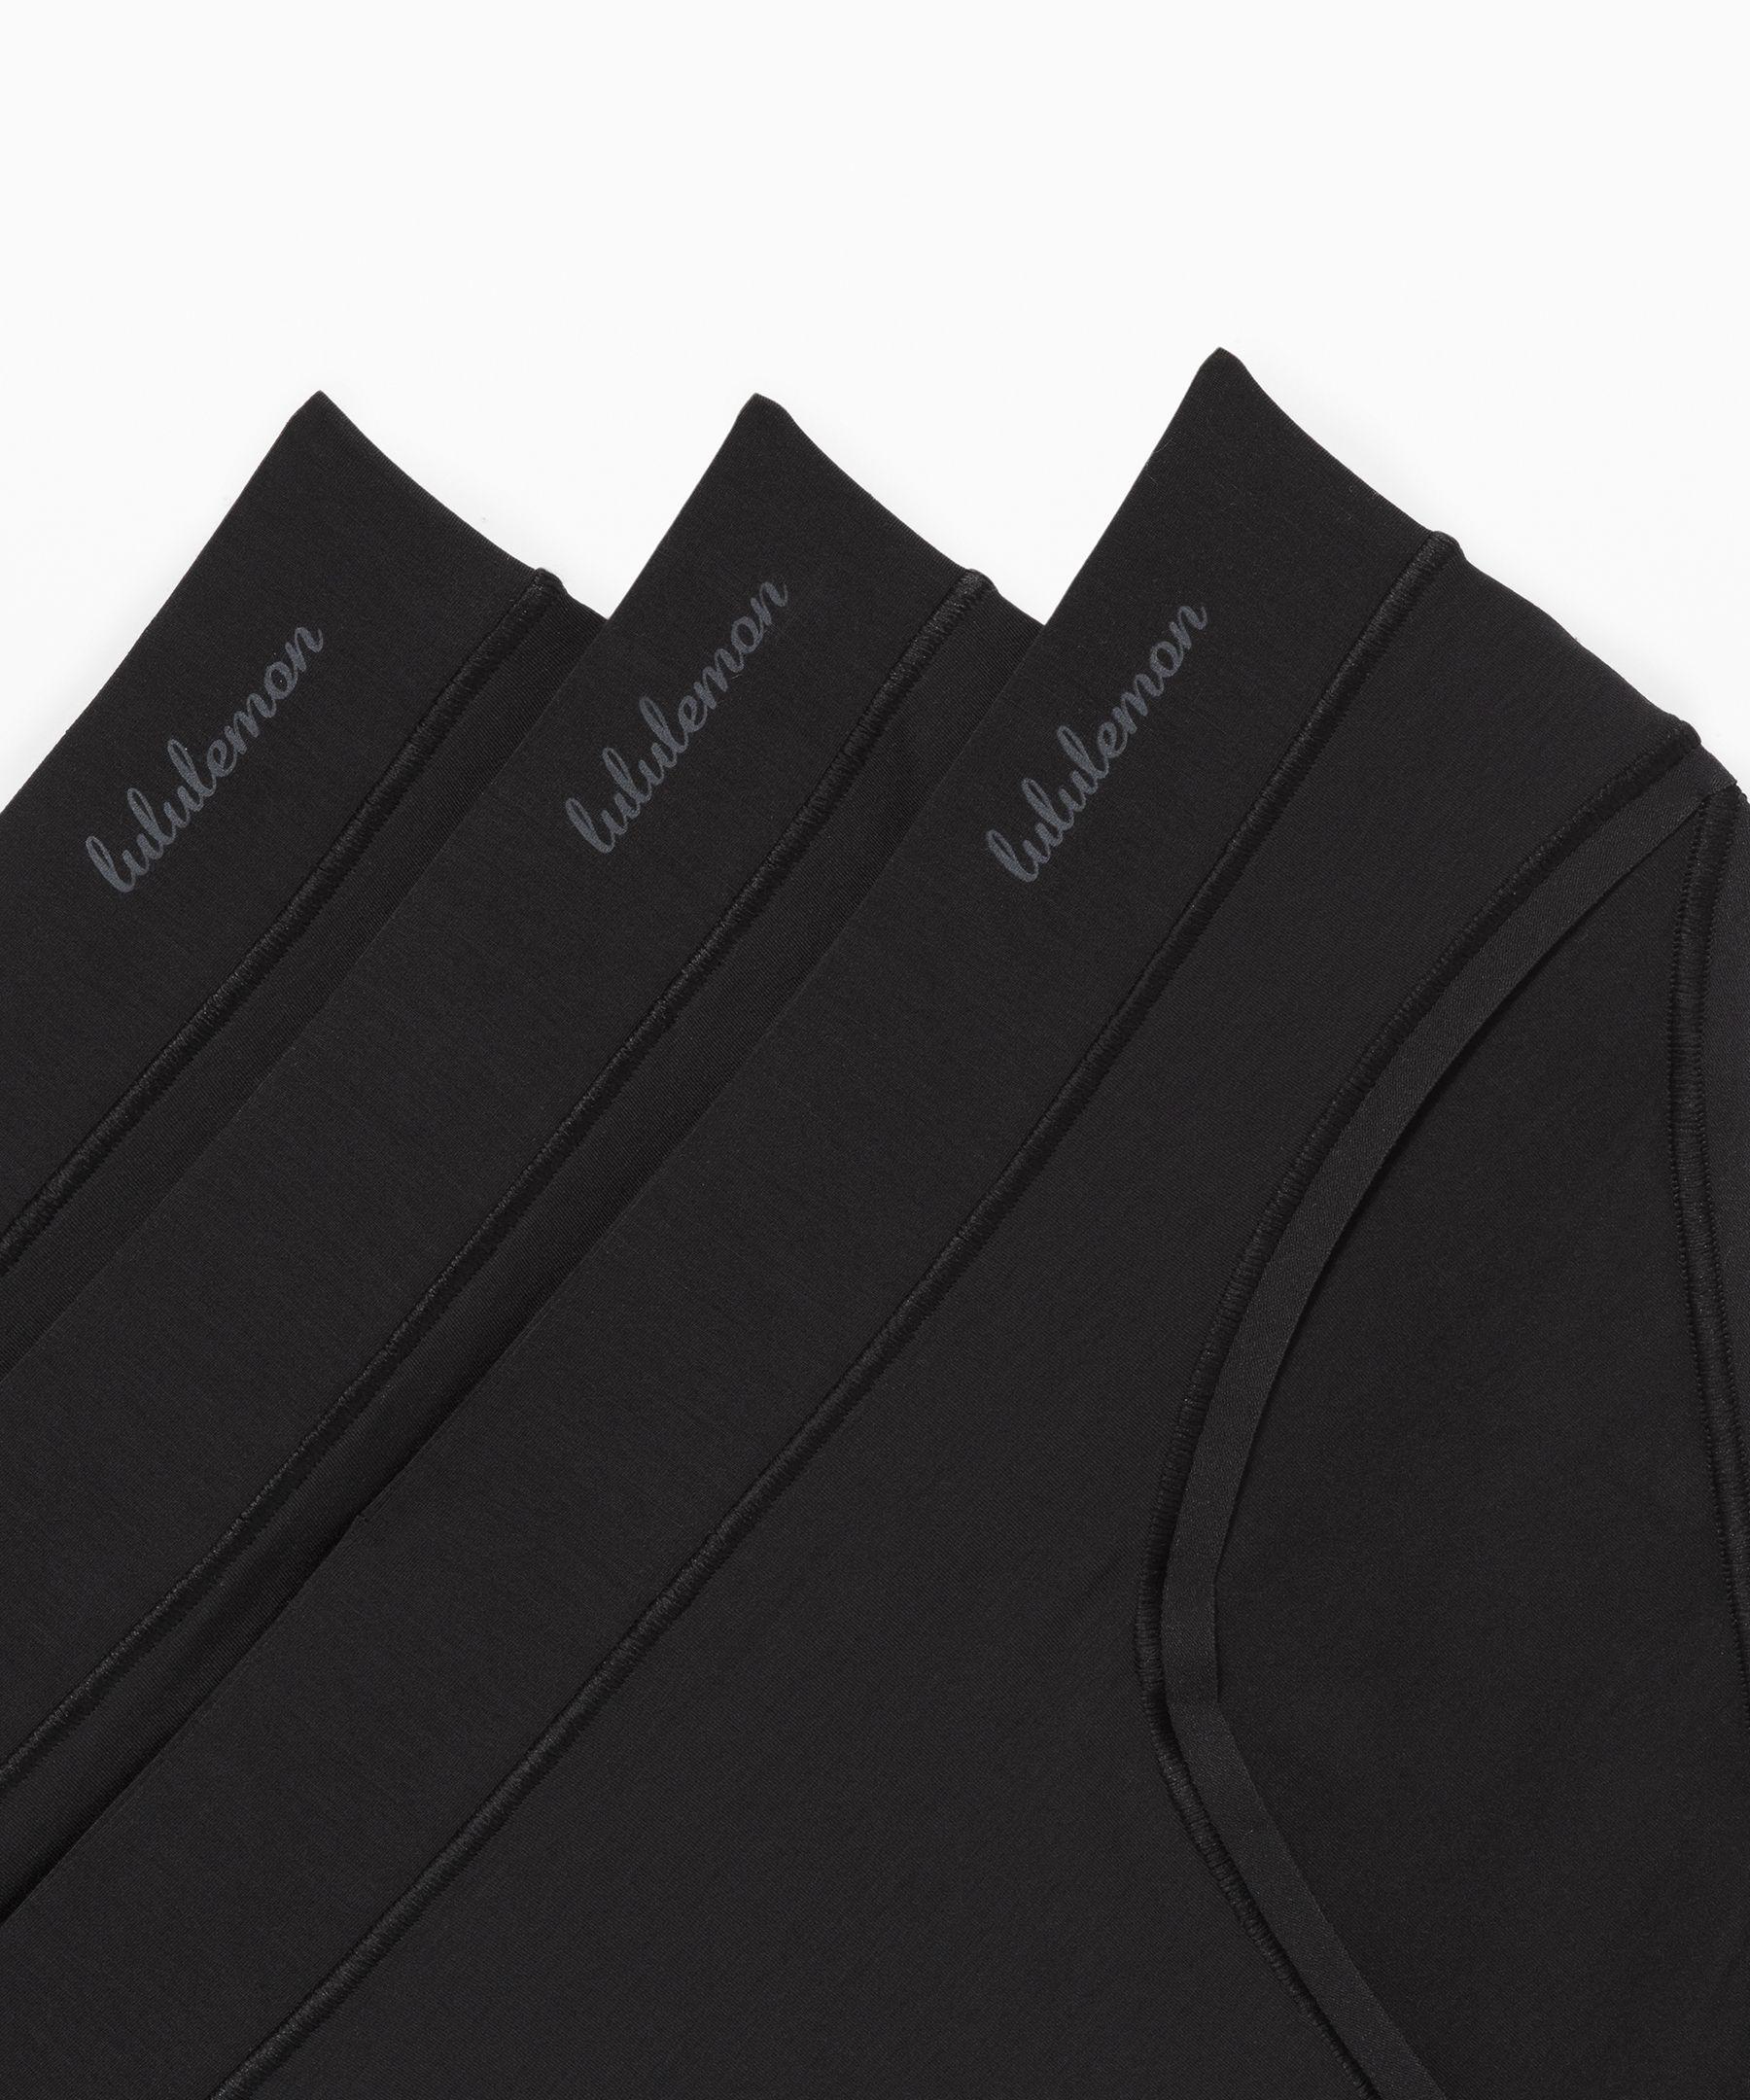 Soft Breathable Bikini 3 Pack